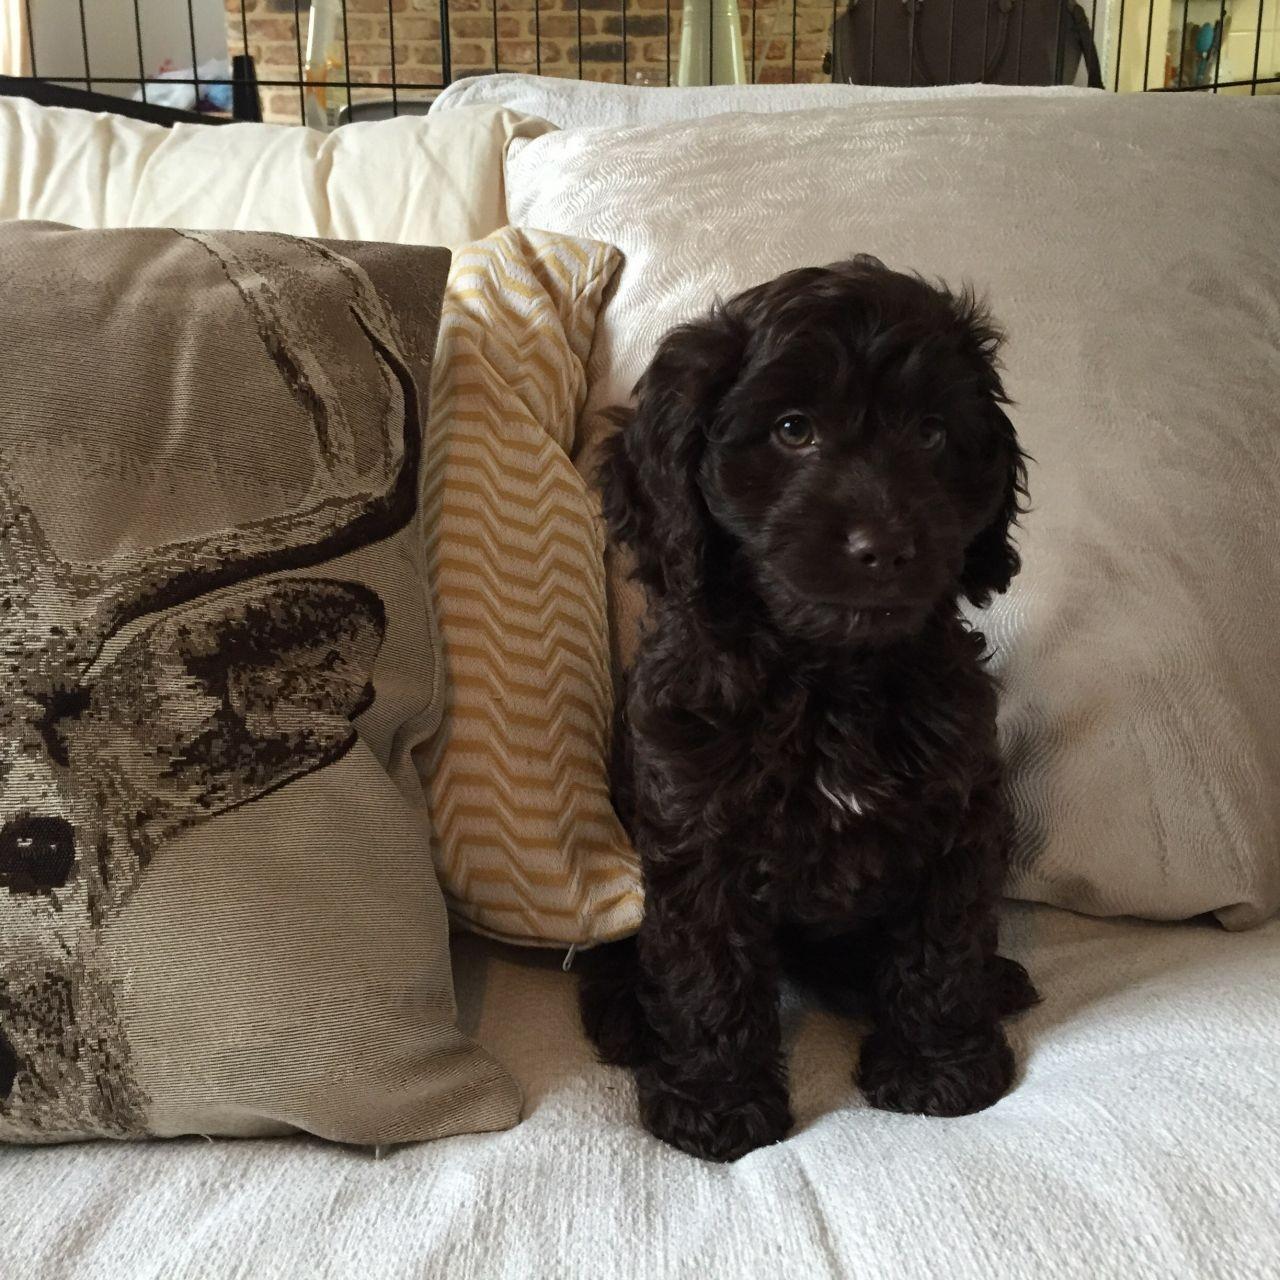 Cockapoo Puppies For Sale Georgia Dome Drive Atlanta Ga 176120